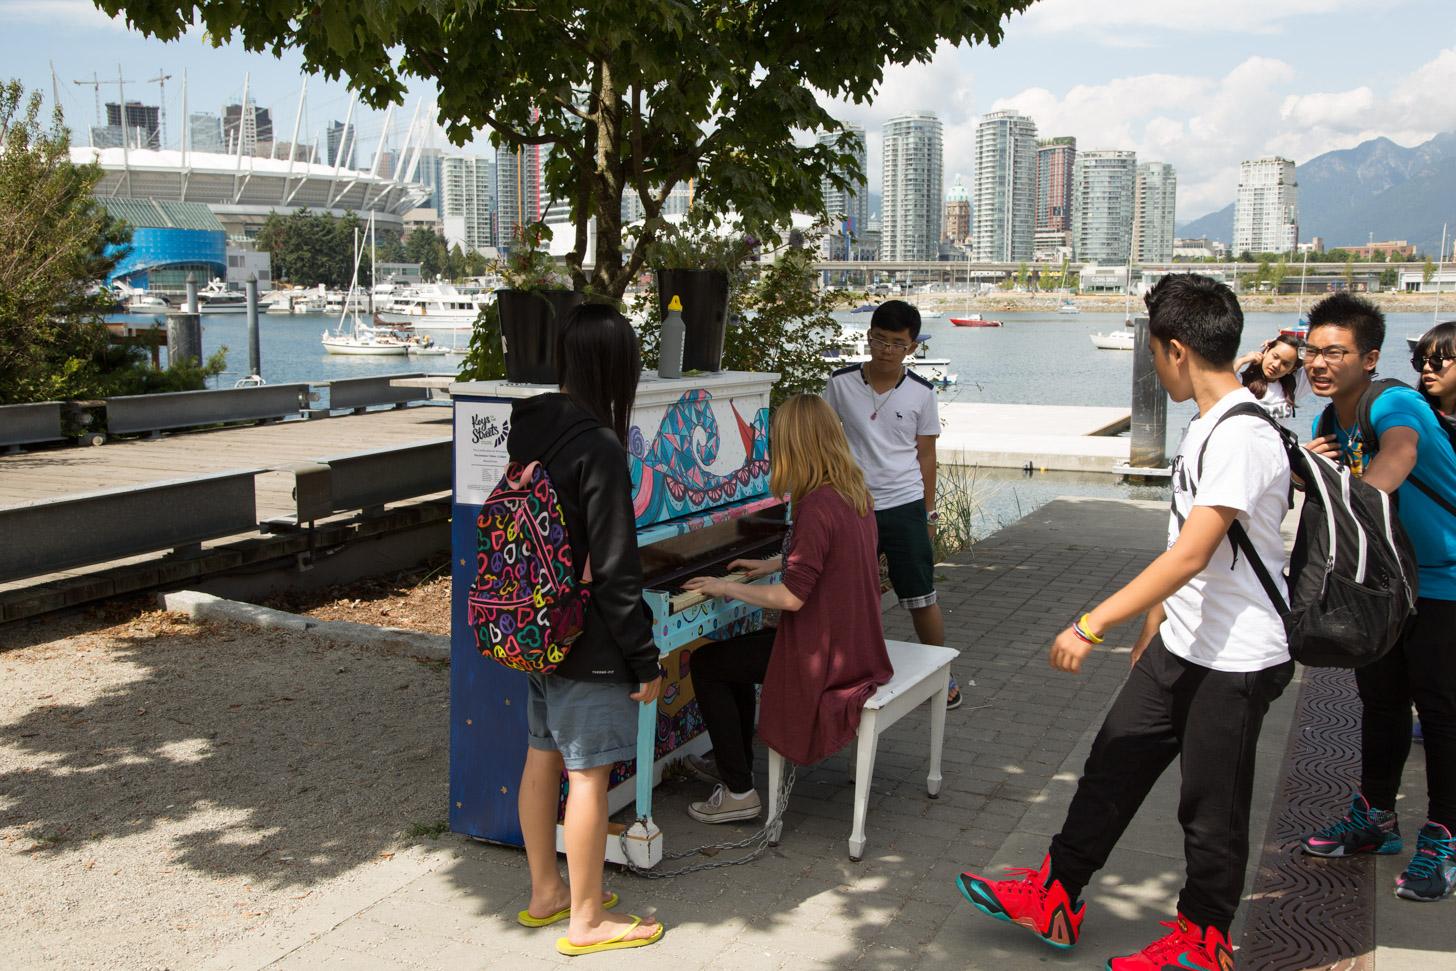 De mensen maken de sfeer in Vancouver